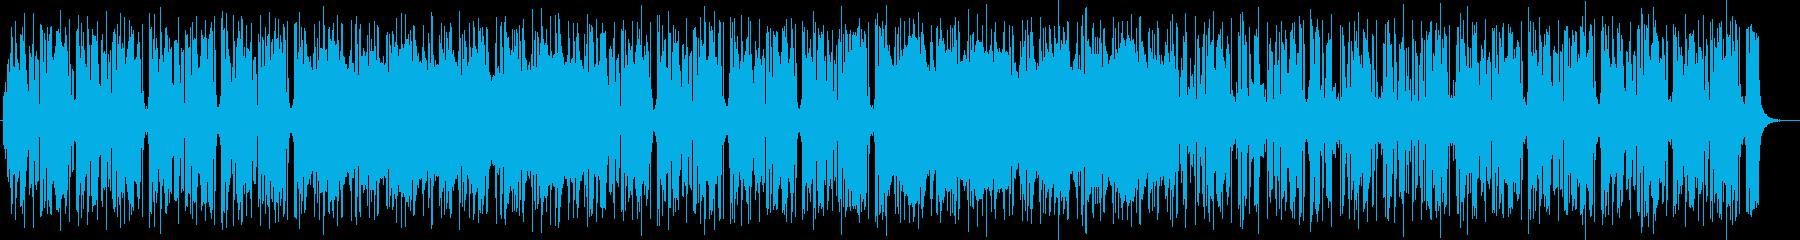 明るく宇宙感のあるシンセサイザーサウンドの再生済みの波形